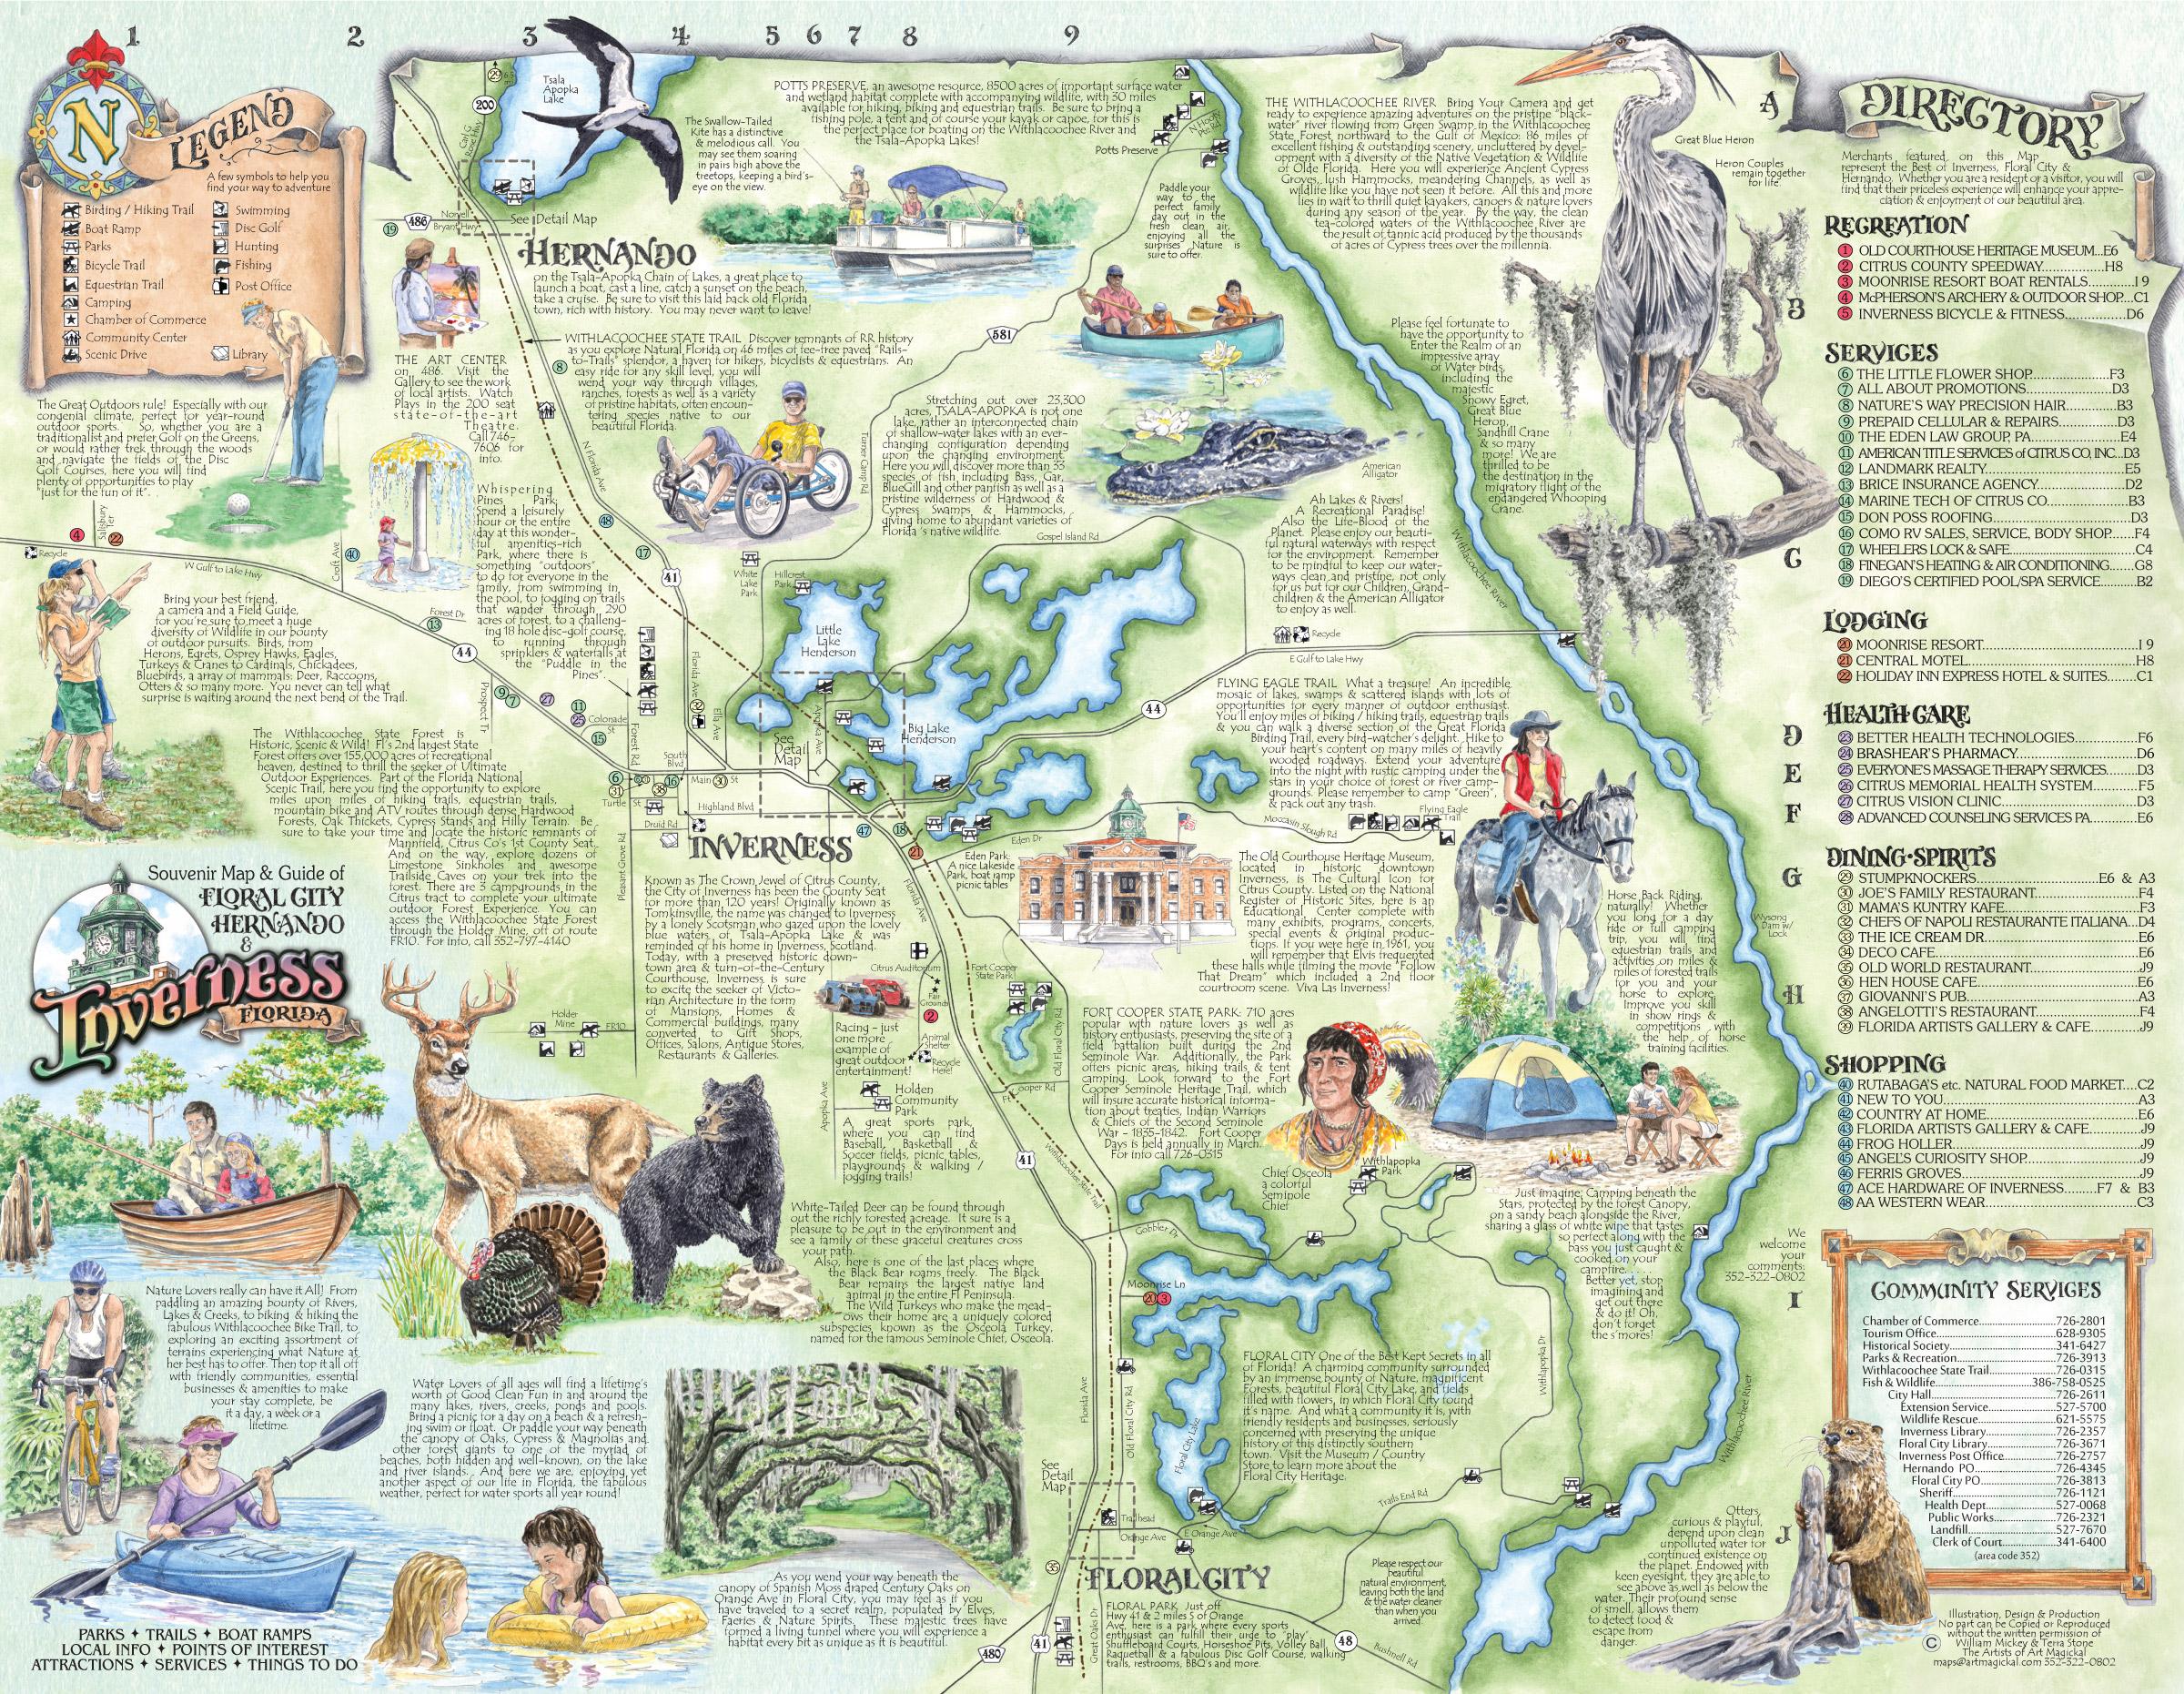 The Souvenir Map & Guide Of Inverness Fl - Hernando Florida Map